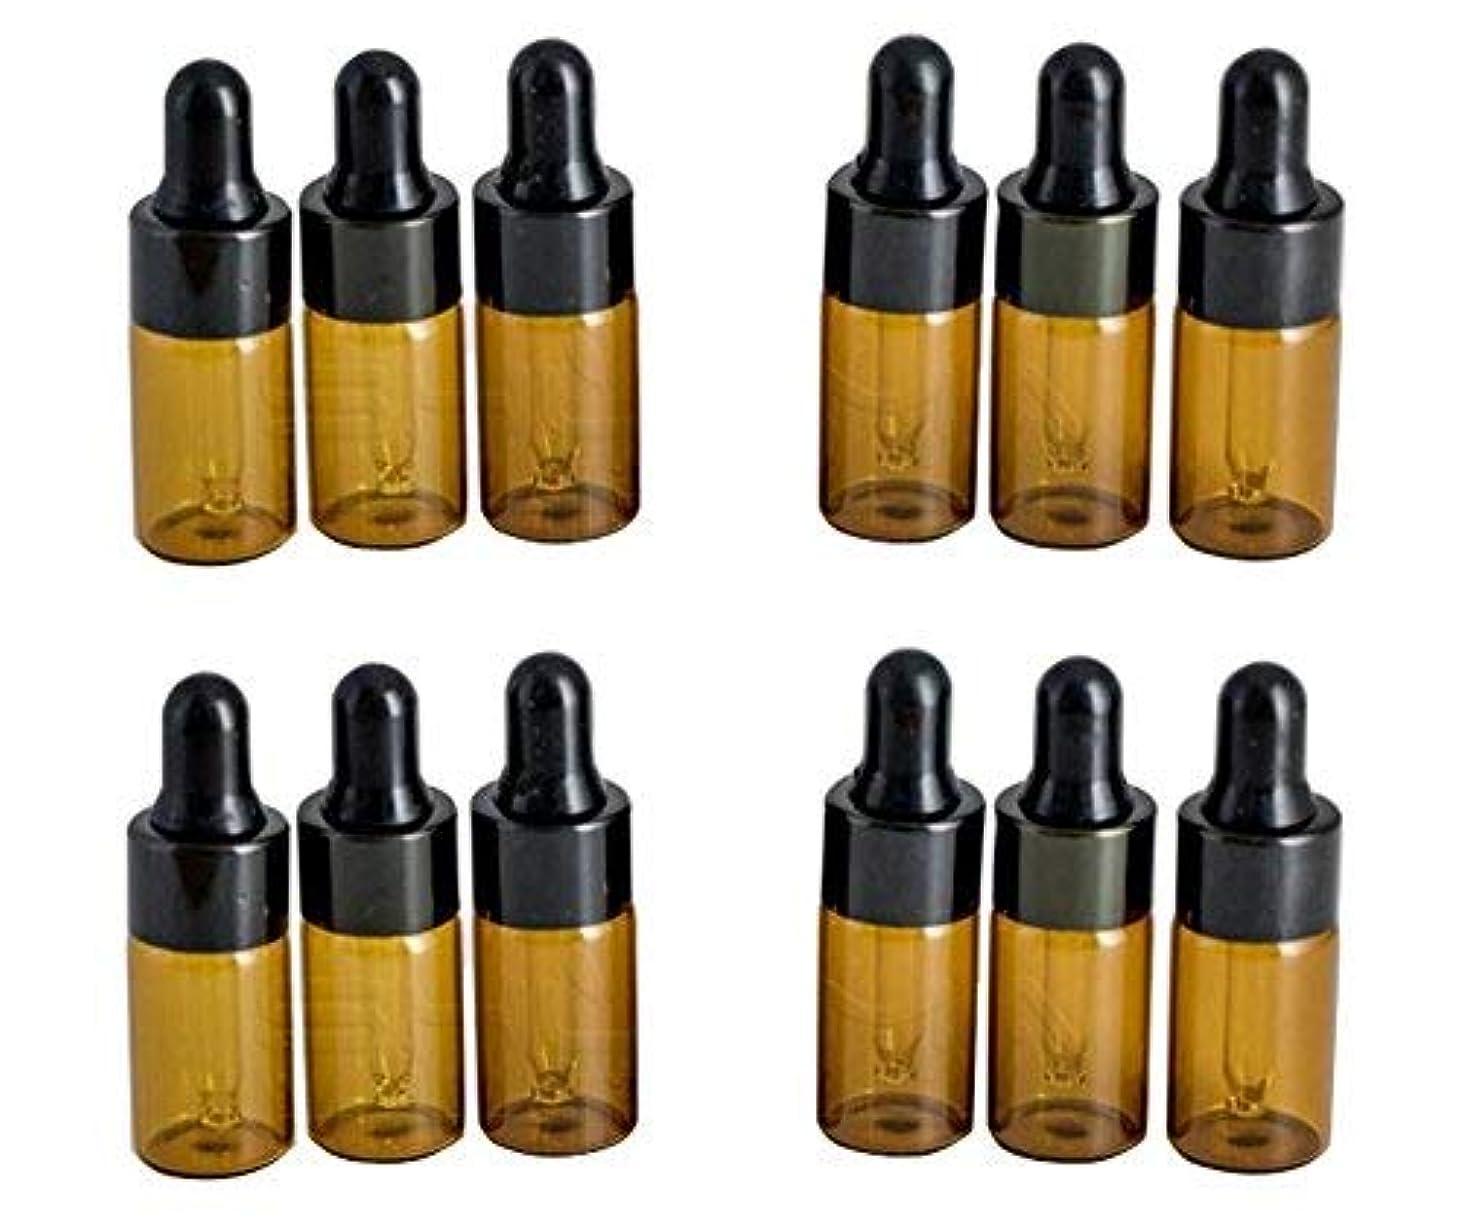 油学校動物園12PCS 3ml/3ML Empty Refillable Amber Glass Essential Oil Bottles Makeup Cosmetic Sample Container Bottle Pot with...